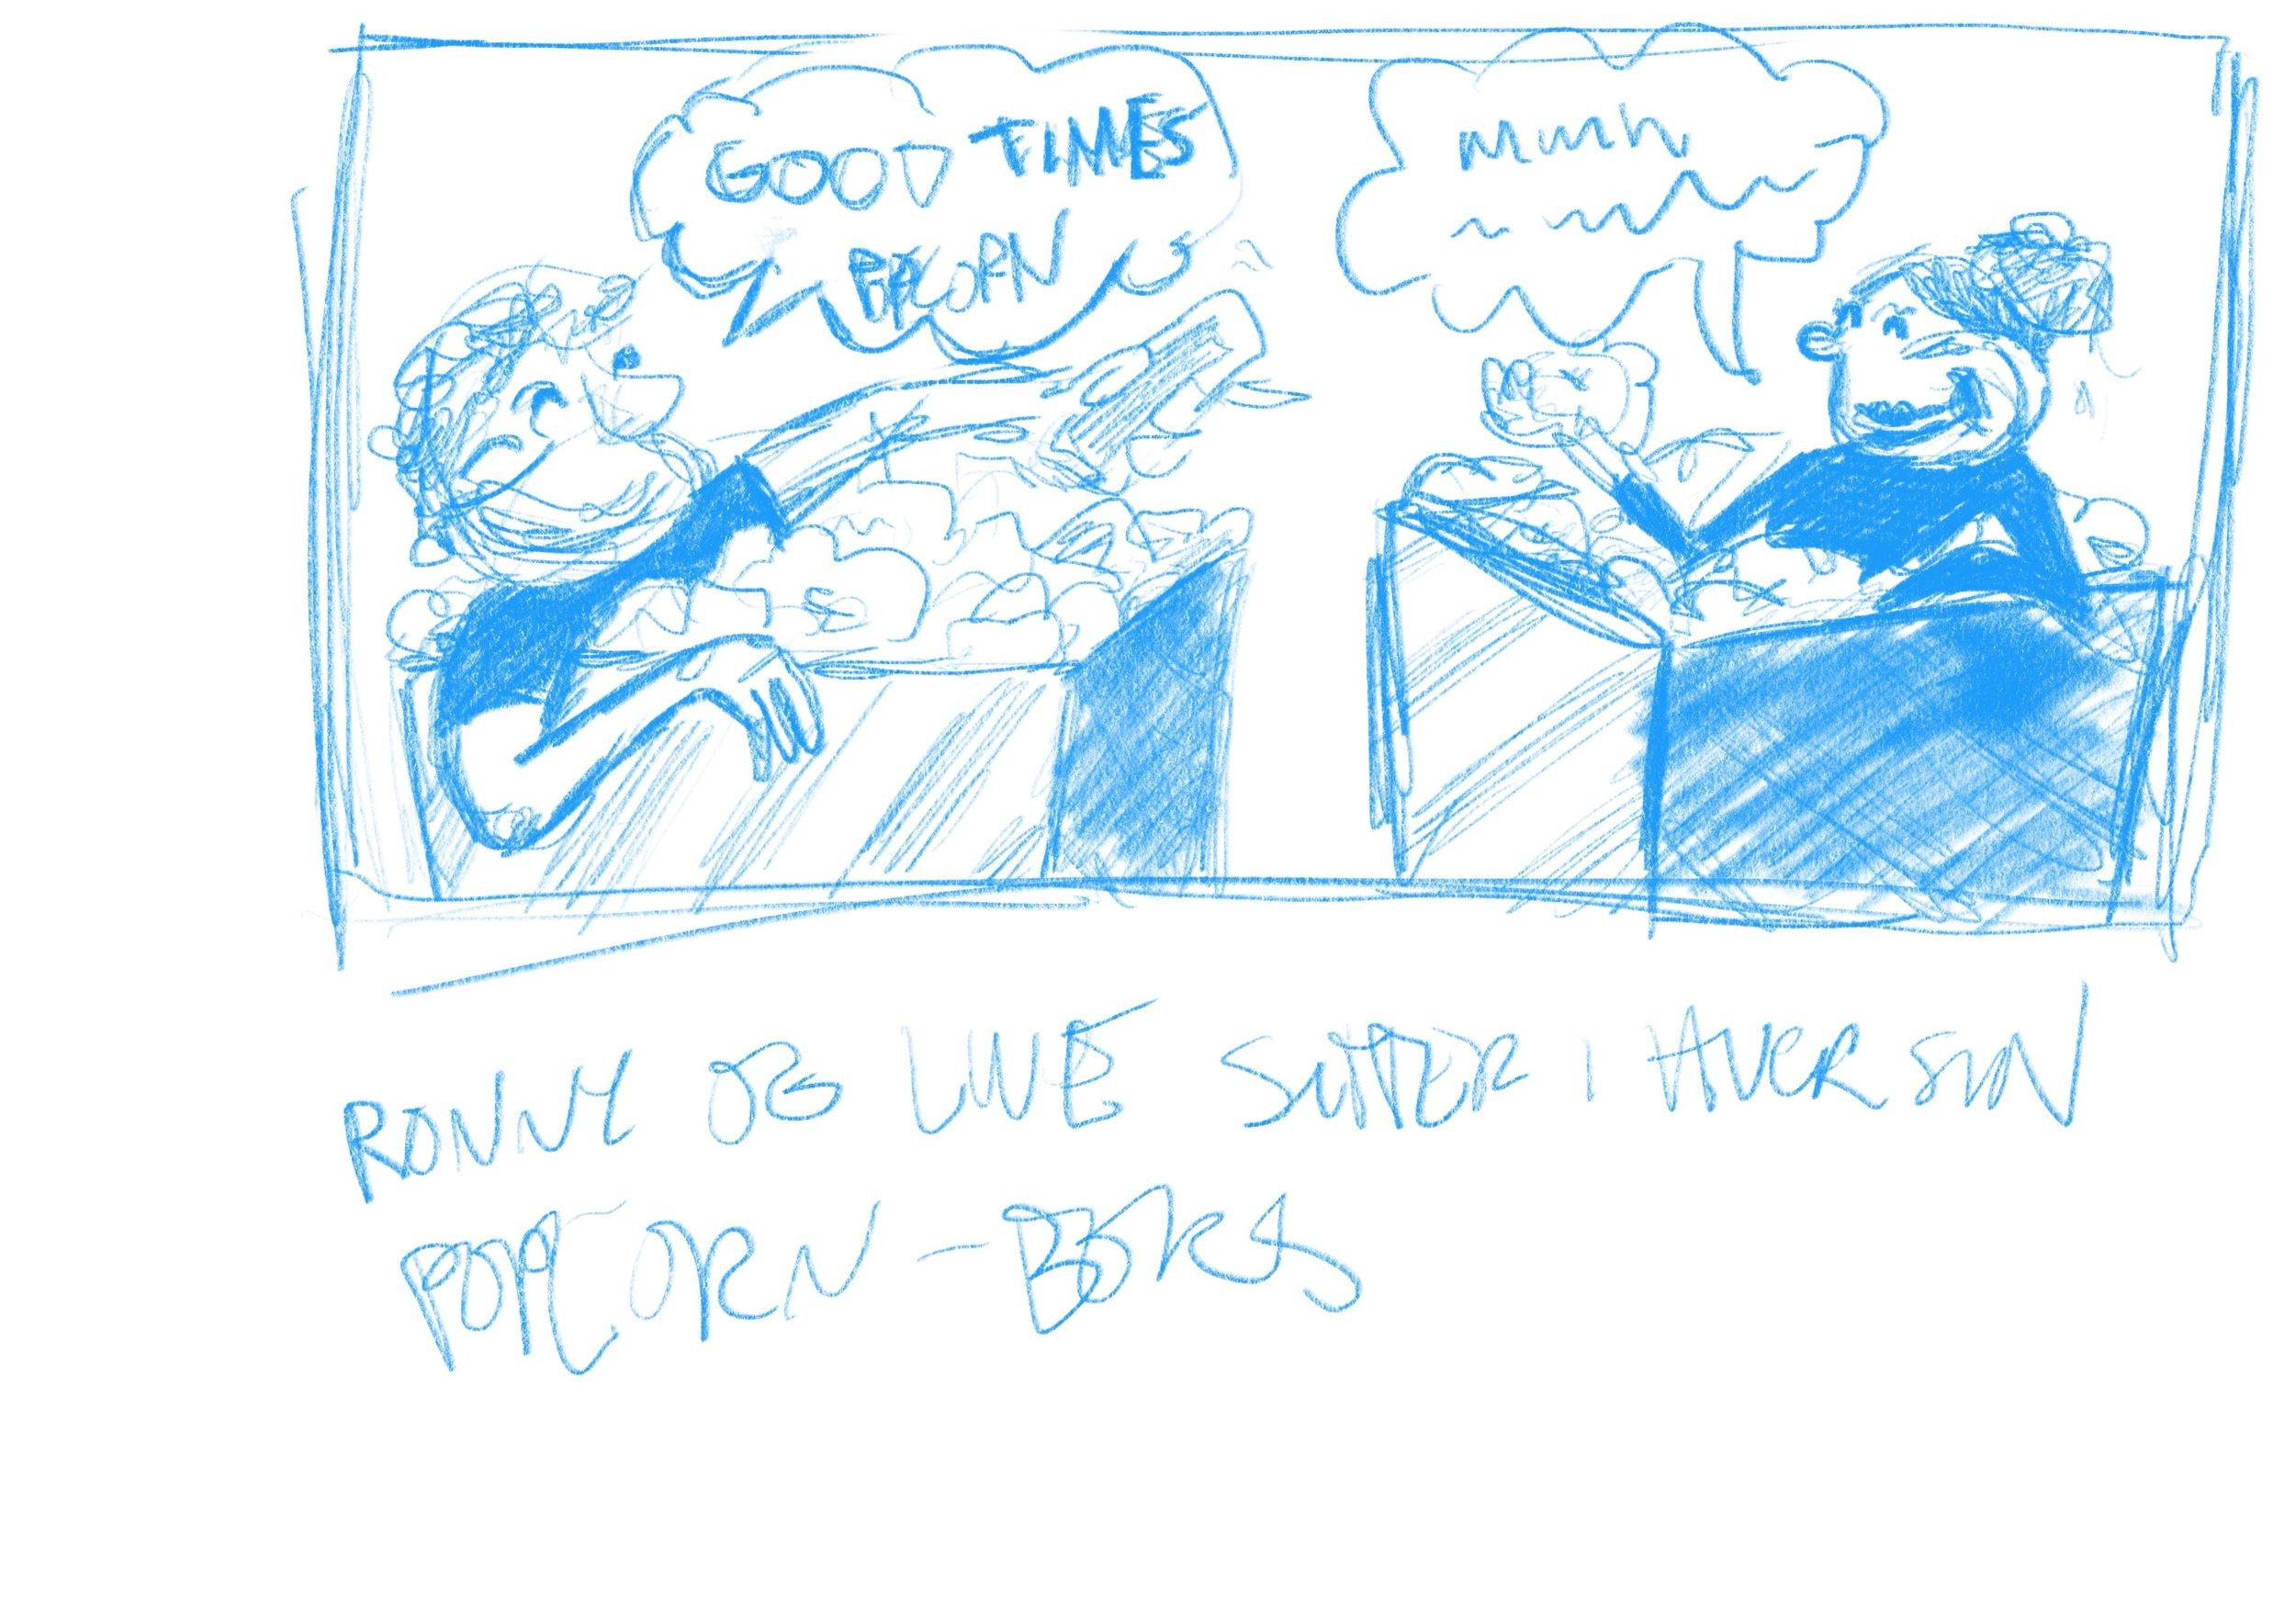 Ronny og Live badet på et tidspunkt i popcorn.